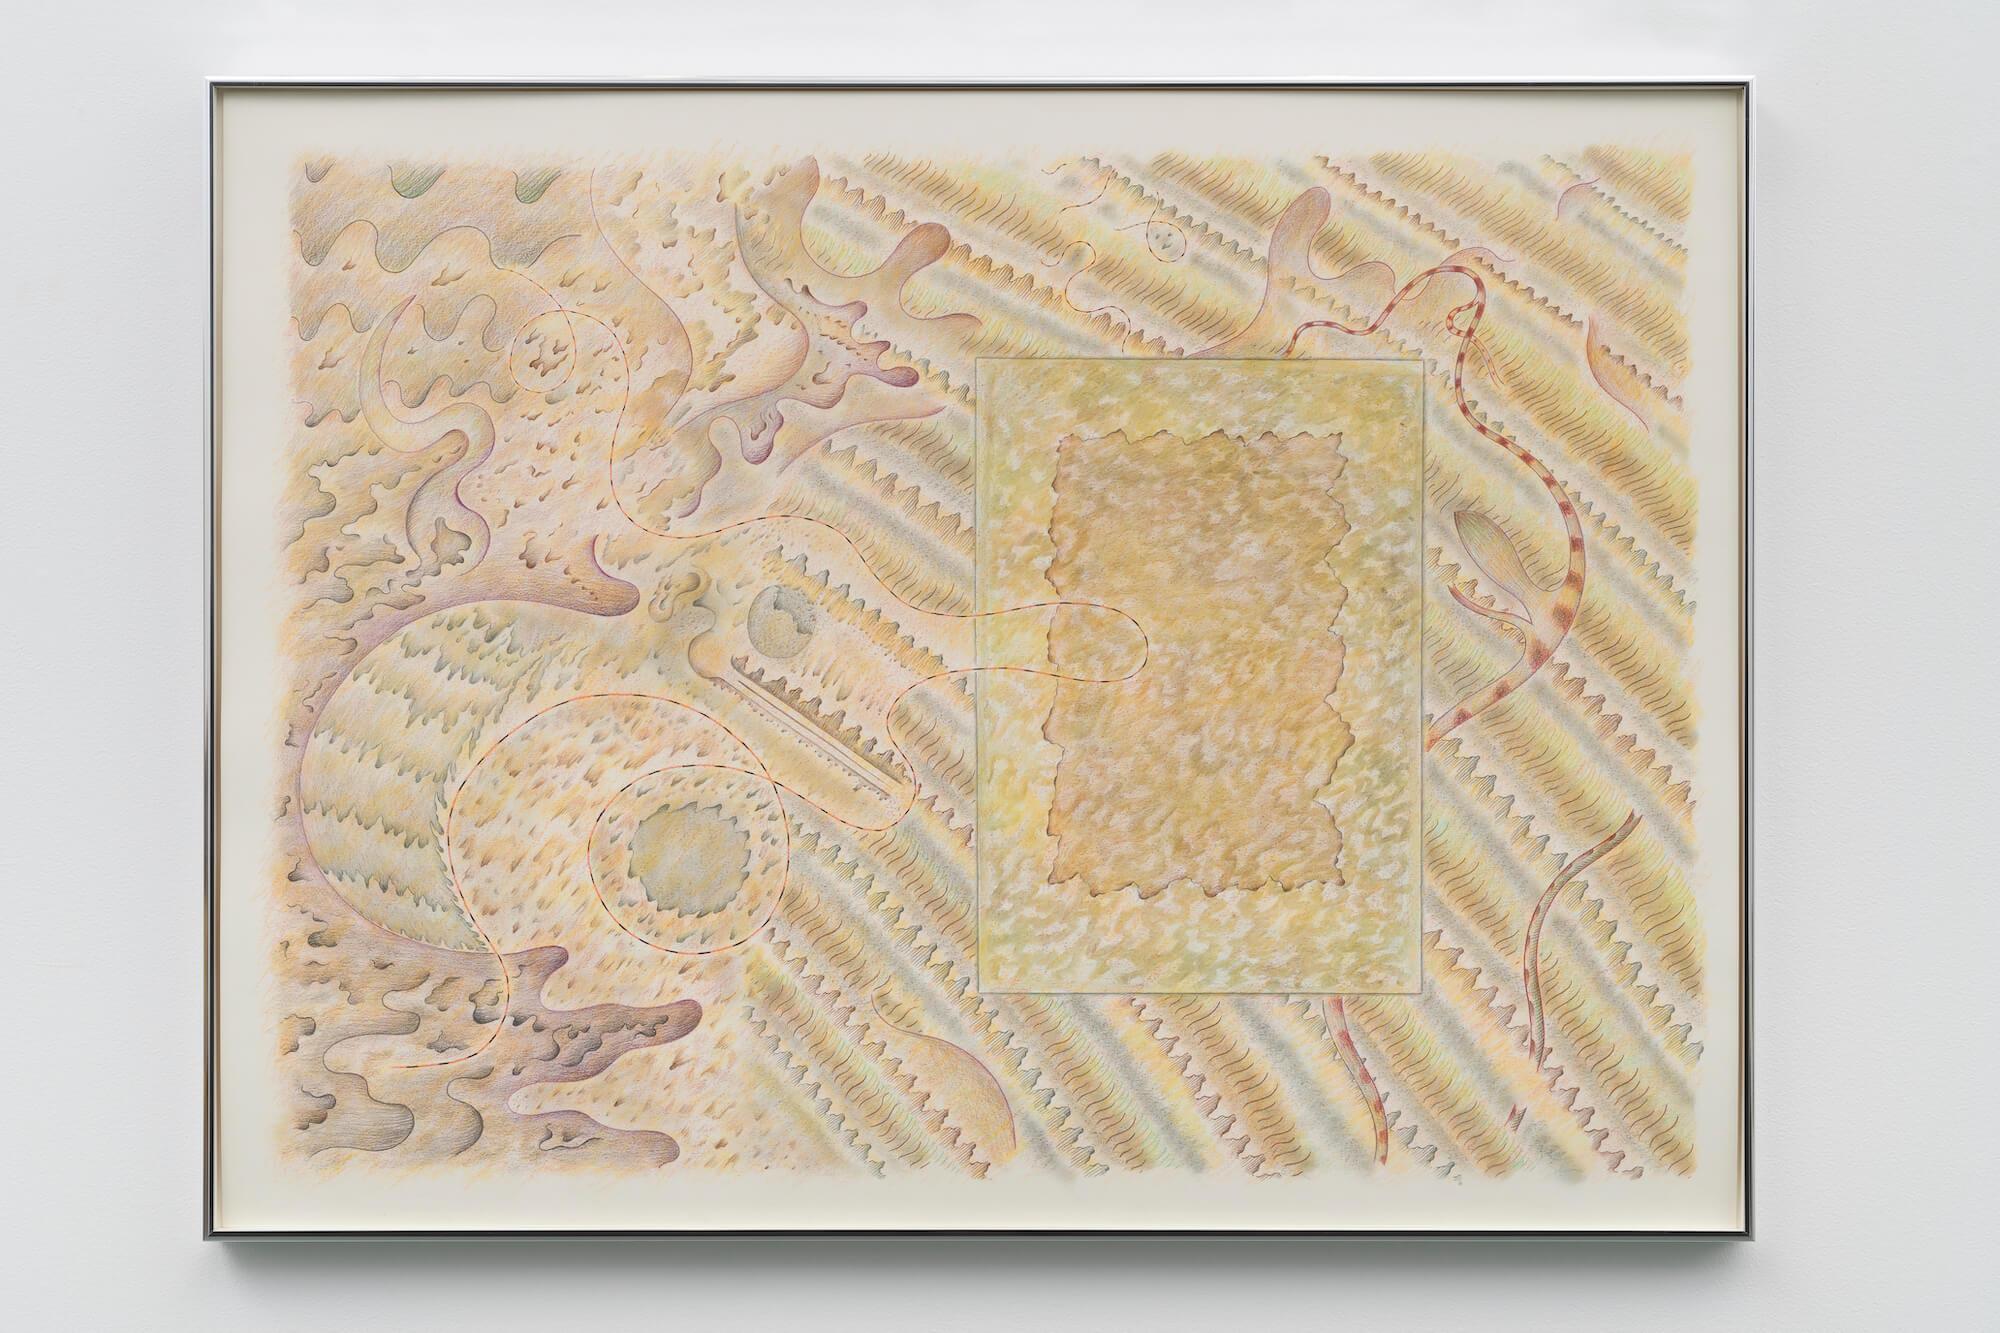 Statsinger, High Tides, 1984 (0320008) A